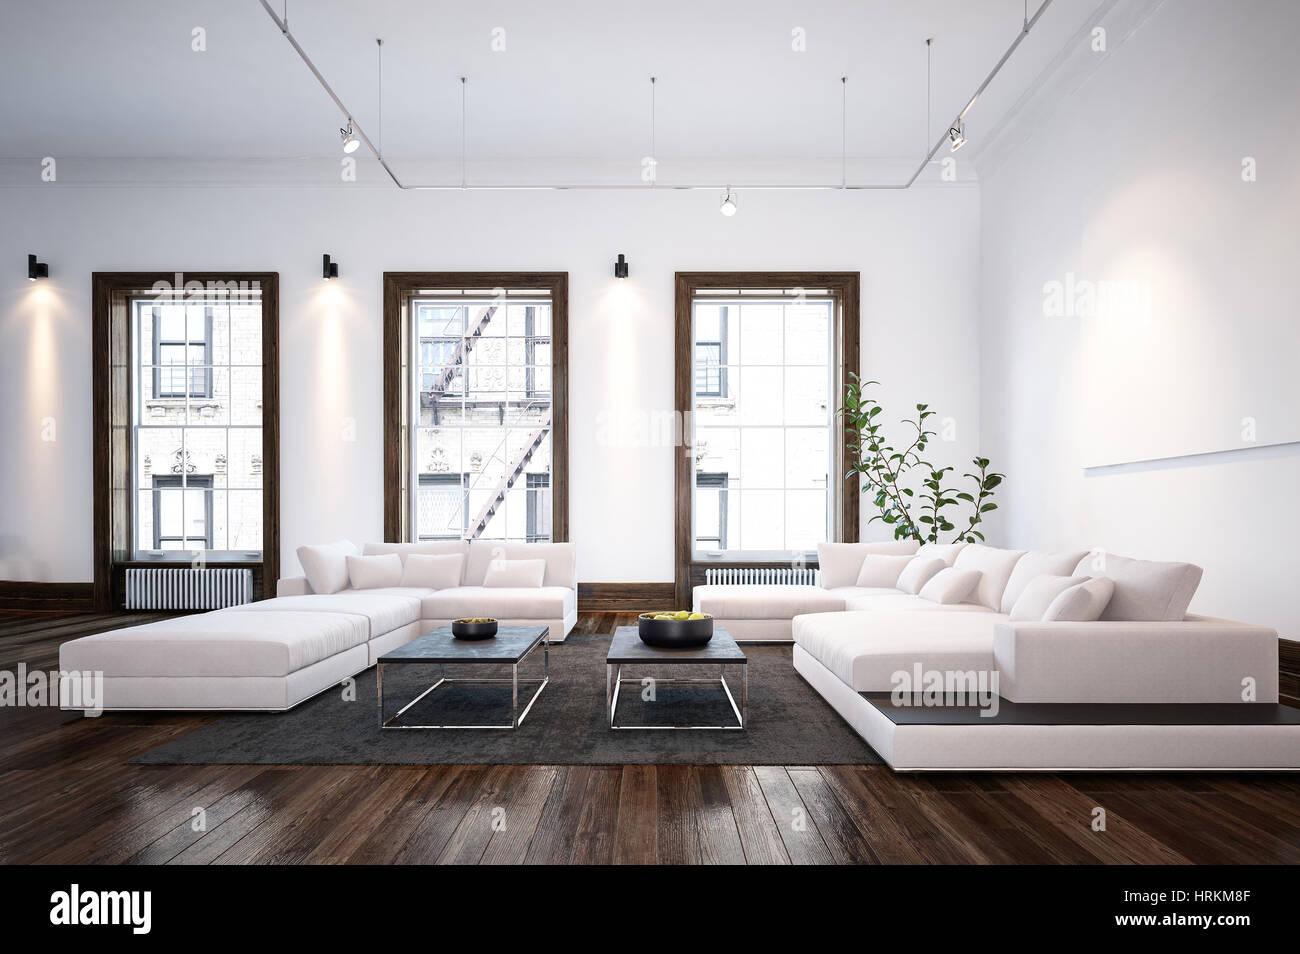 marmor kuche mit beton wand minimalistisch design, moderne minimalistische designer wohnzimmer einrichtung mit, Design ideen